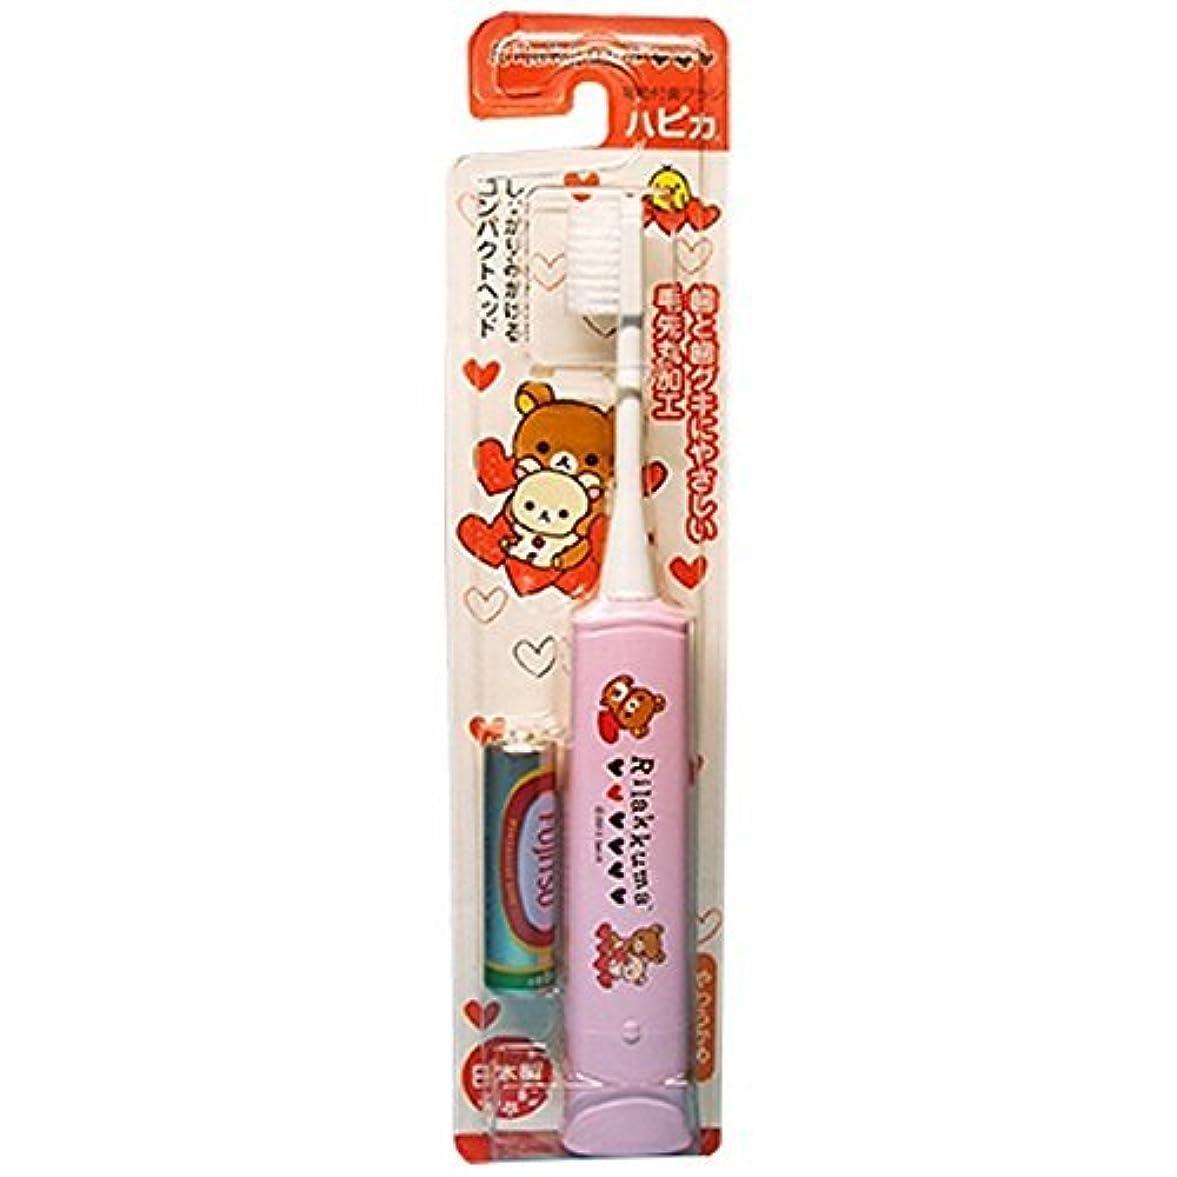 予防接種染色沈黙ミニマム 電動付歯ブラシ リラックマハピカ ピンク 毛の硬さ:やわらかめ DBM-5P(RK)